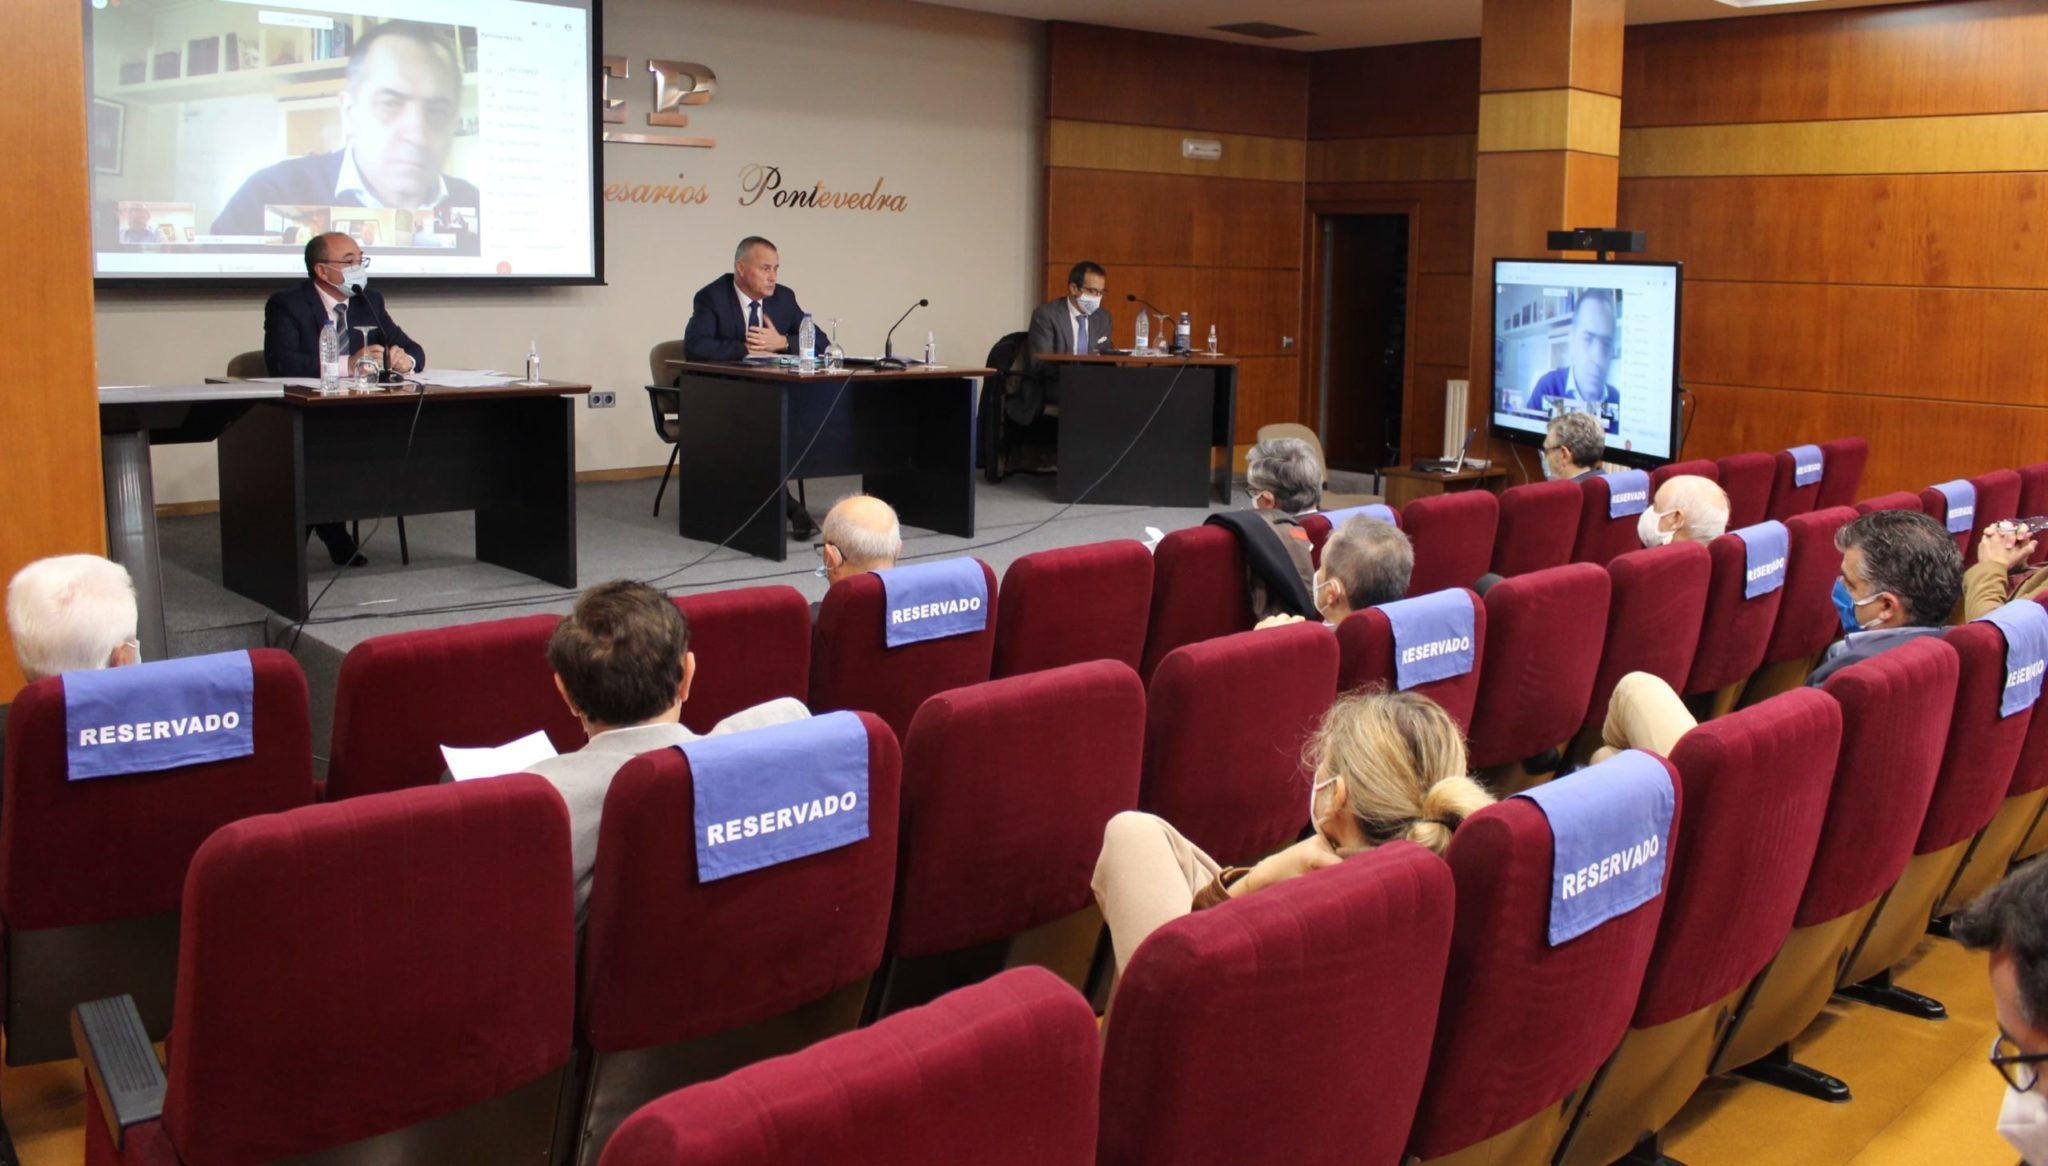 La CEP elevará consulta sobre permanencia en la CEG a su Asamblea General el 14/dic